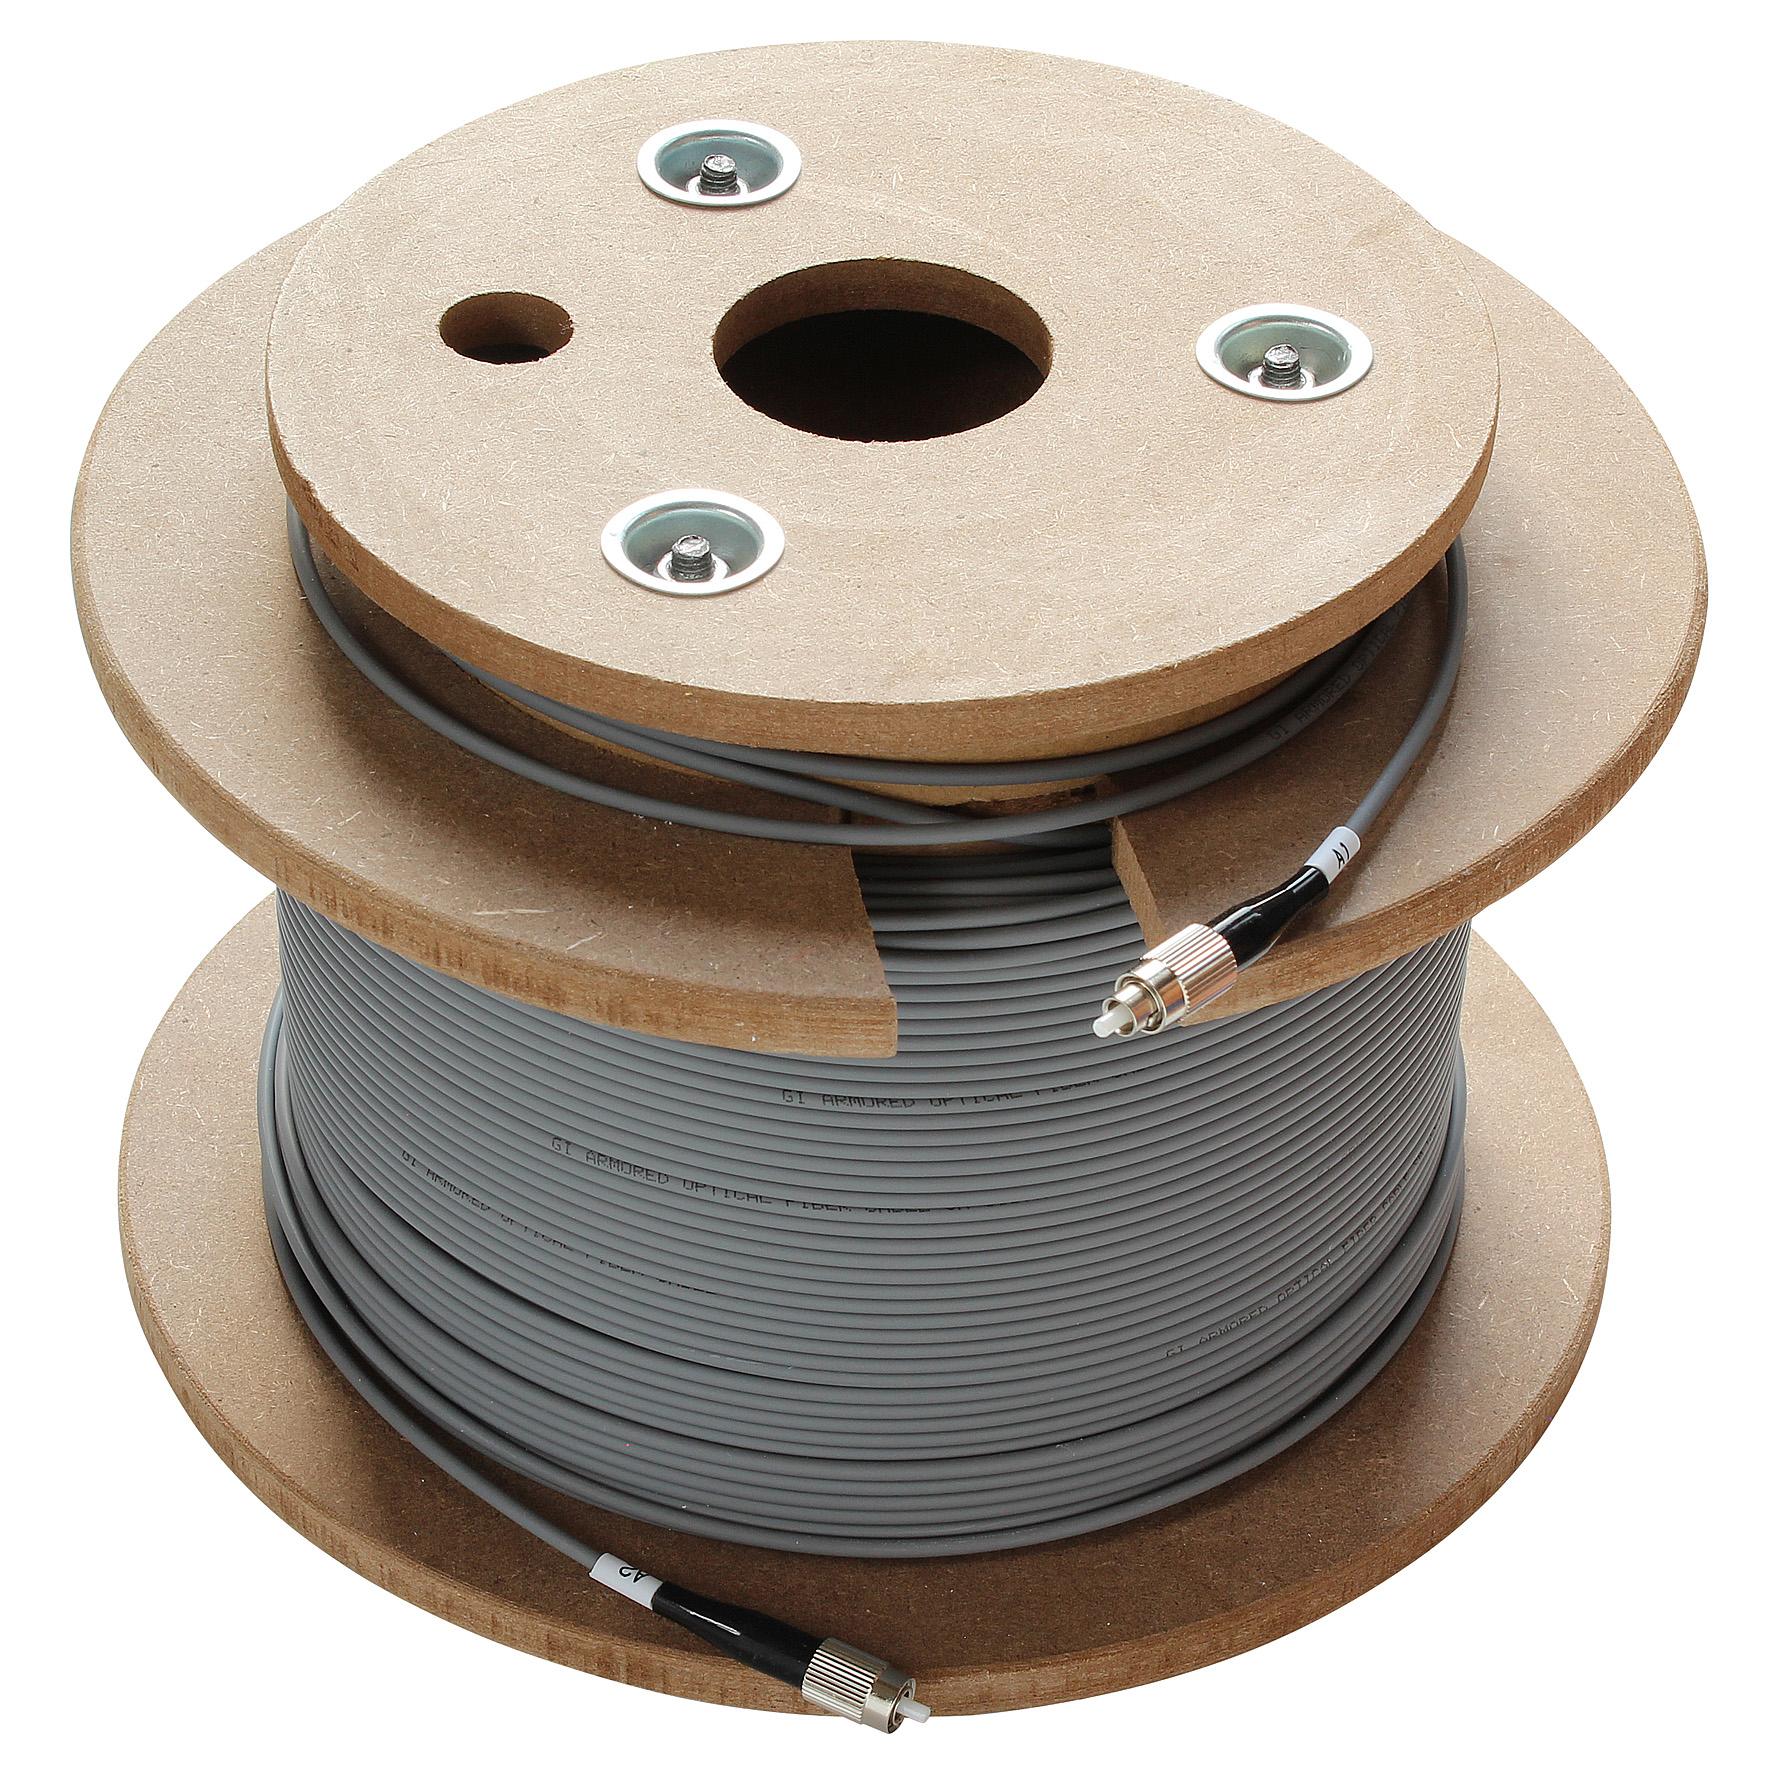 1 Stk SAT LWL-Patchkabel, FC/PC-Stecker, grau, 200m, OAK 200-01 HSATFKS200